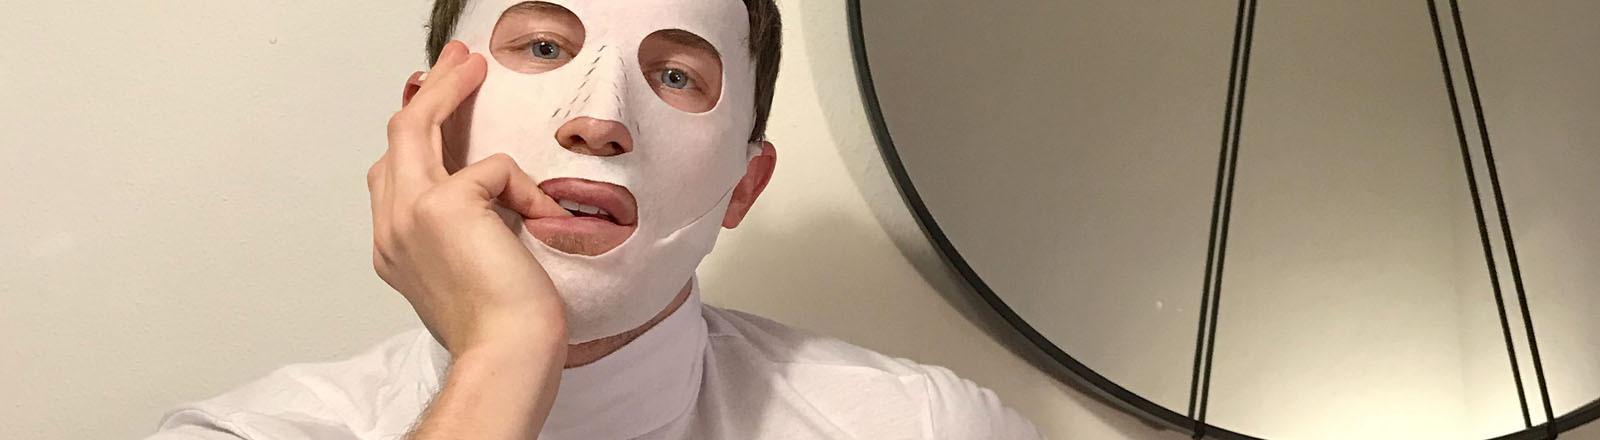 Fabian Hart mit Gesichtsmaske